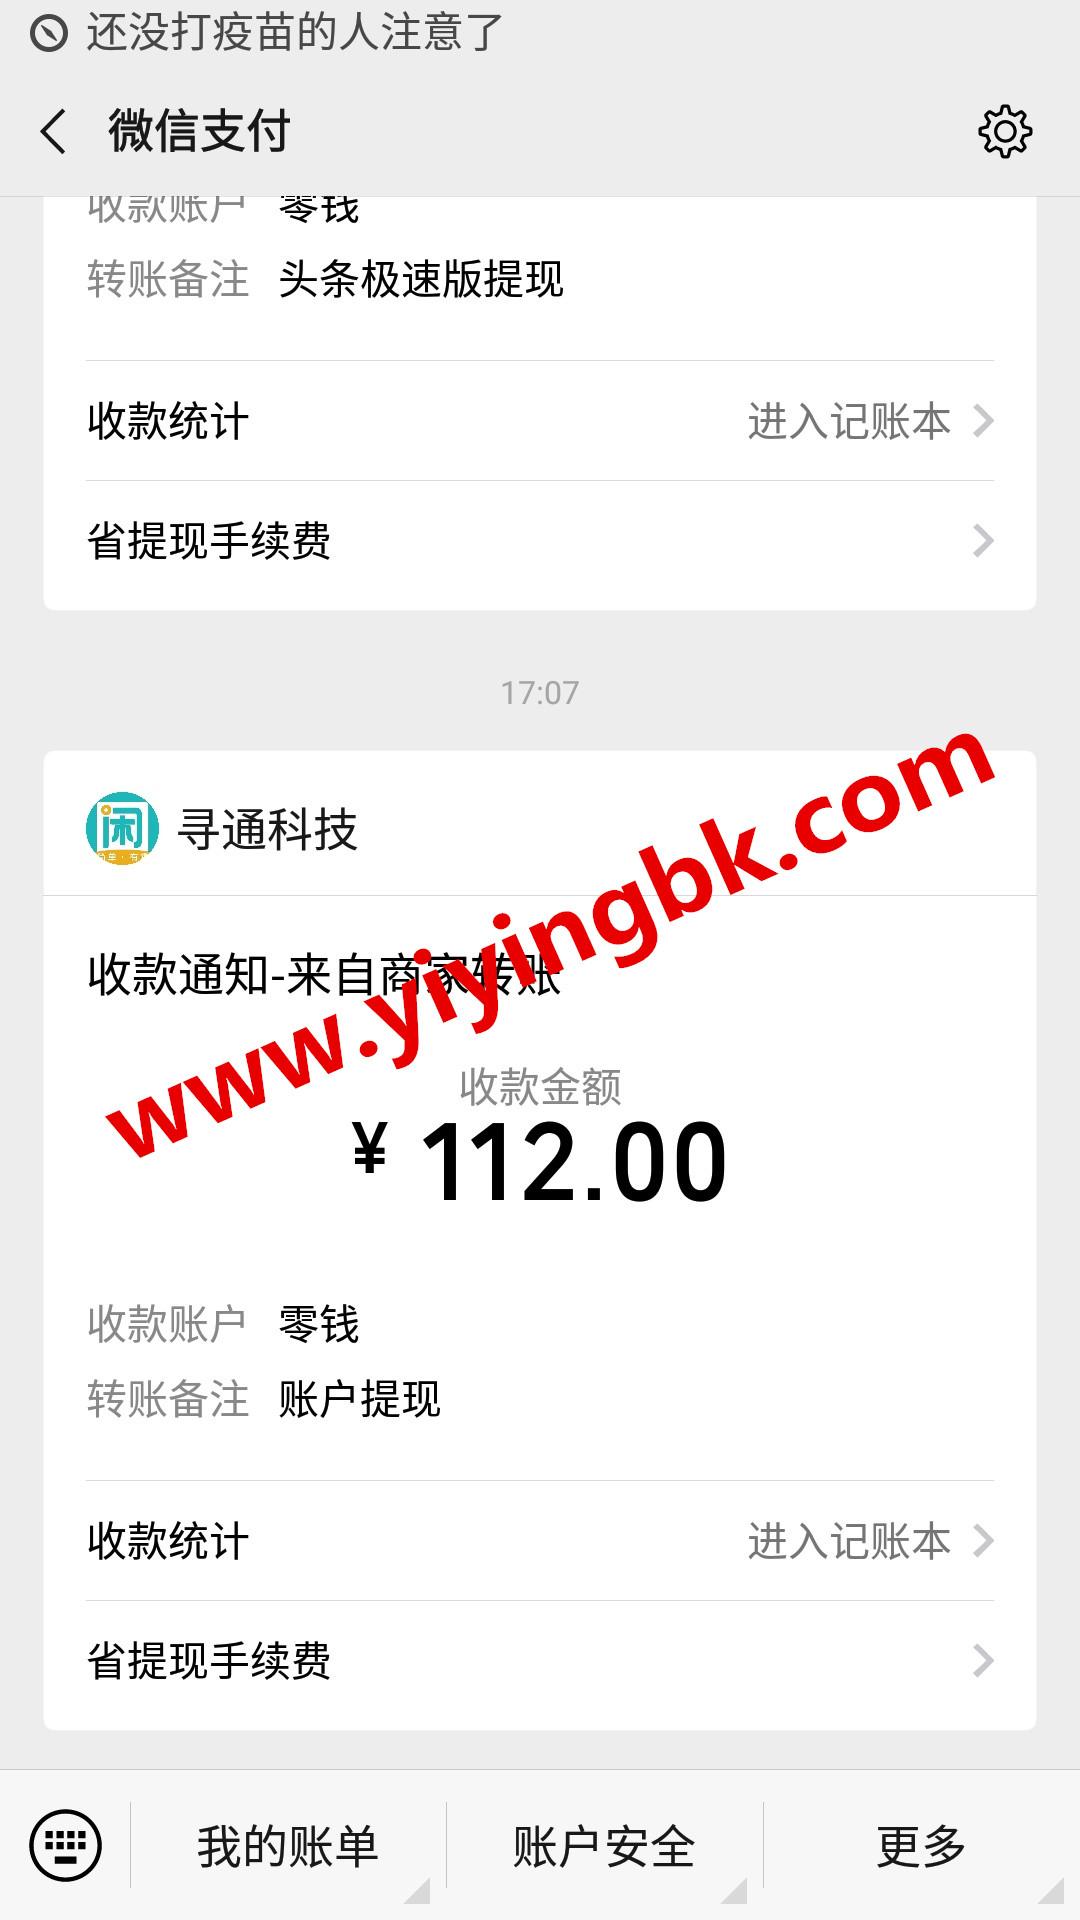 手机上免费兼职赚钱,微信提现112元红包真的到账了。www.yiyingbk.com